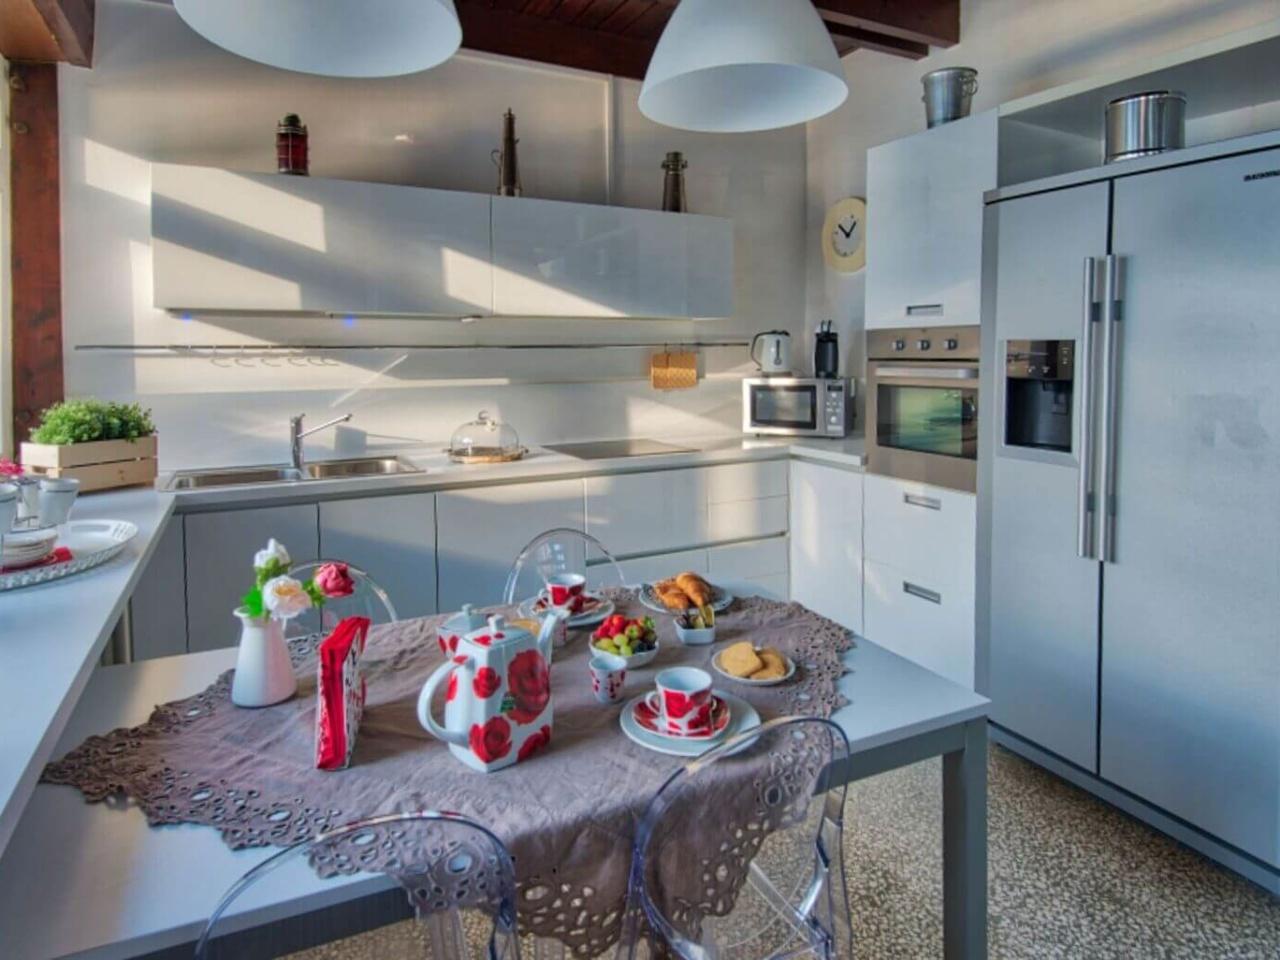 villa-meraviglia-colico-07-colazione-in-cucina-3